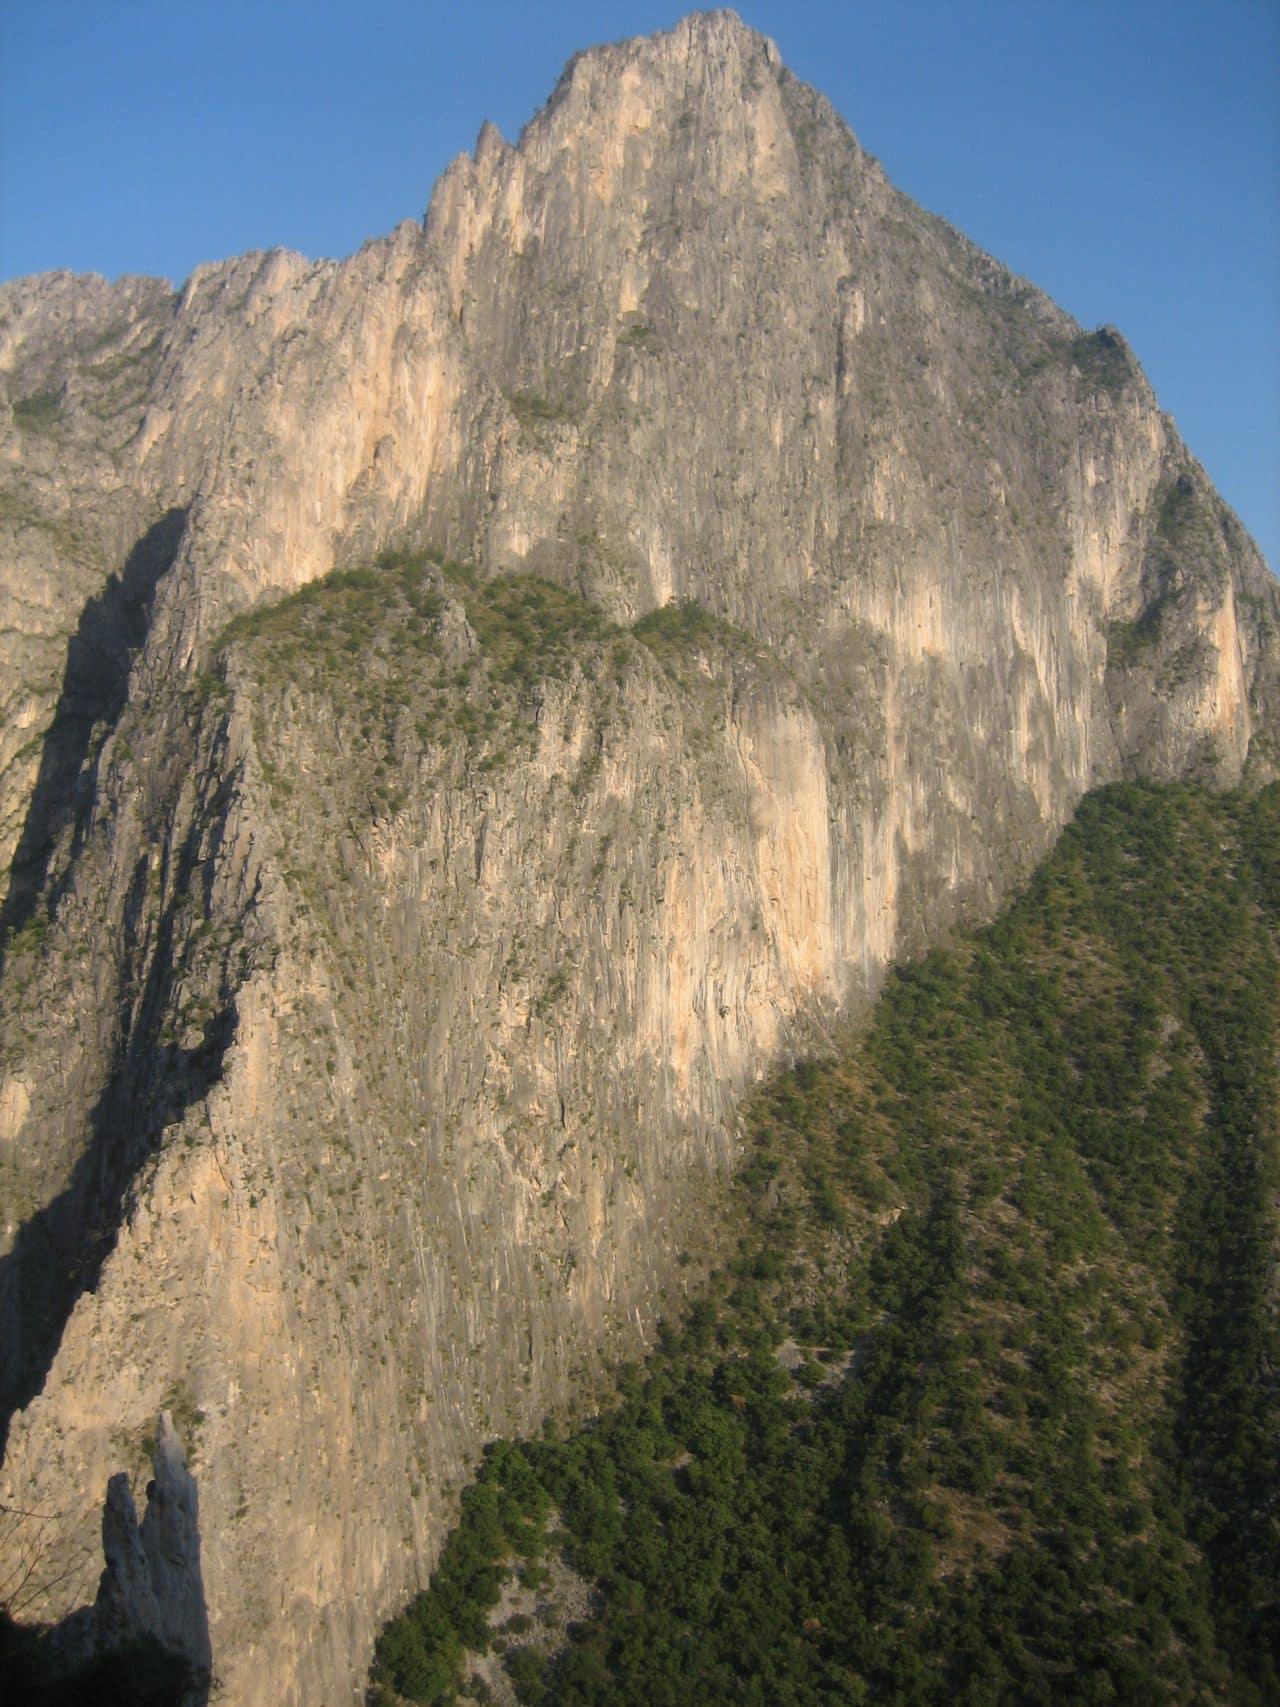 escalade-mexique-potrero-chico-ambiance-xavier-carrard-helyum-guide-de-montagne-roc-trip-